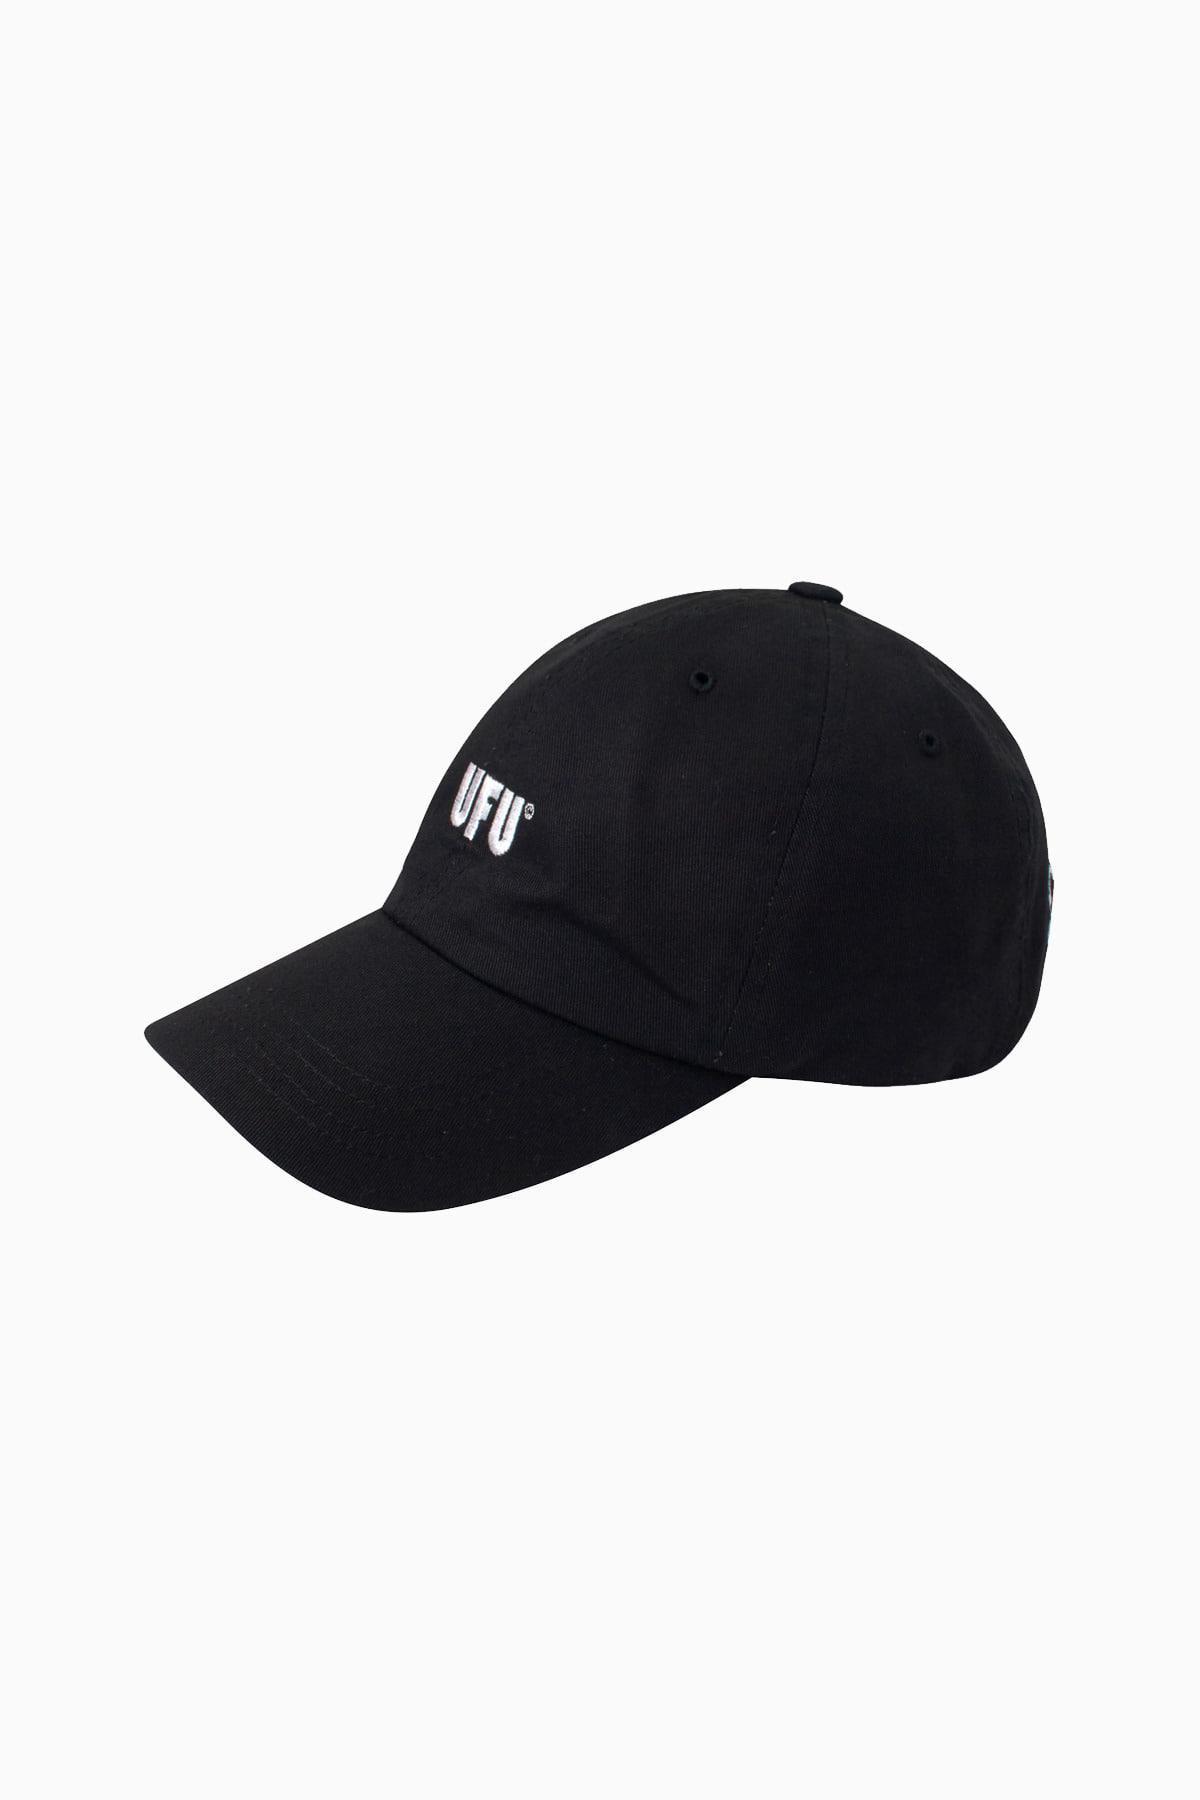 UFU AD CAP_BLACK